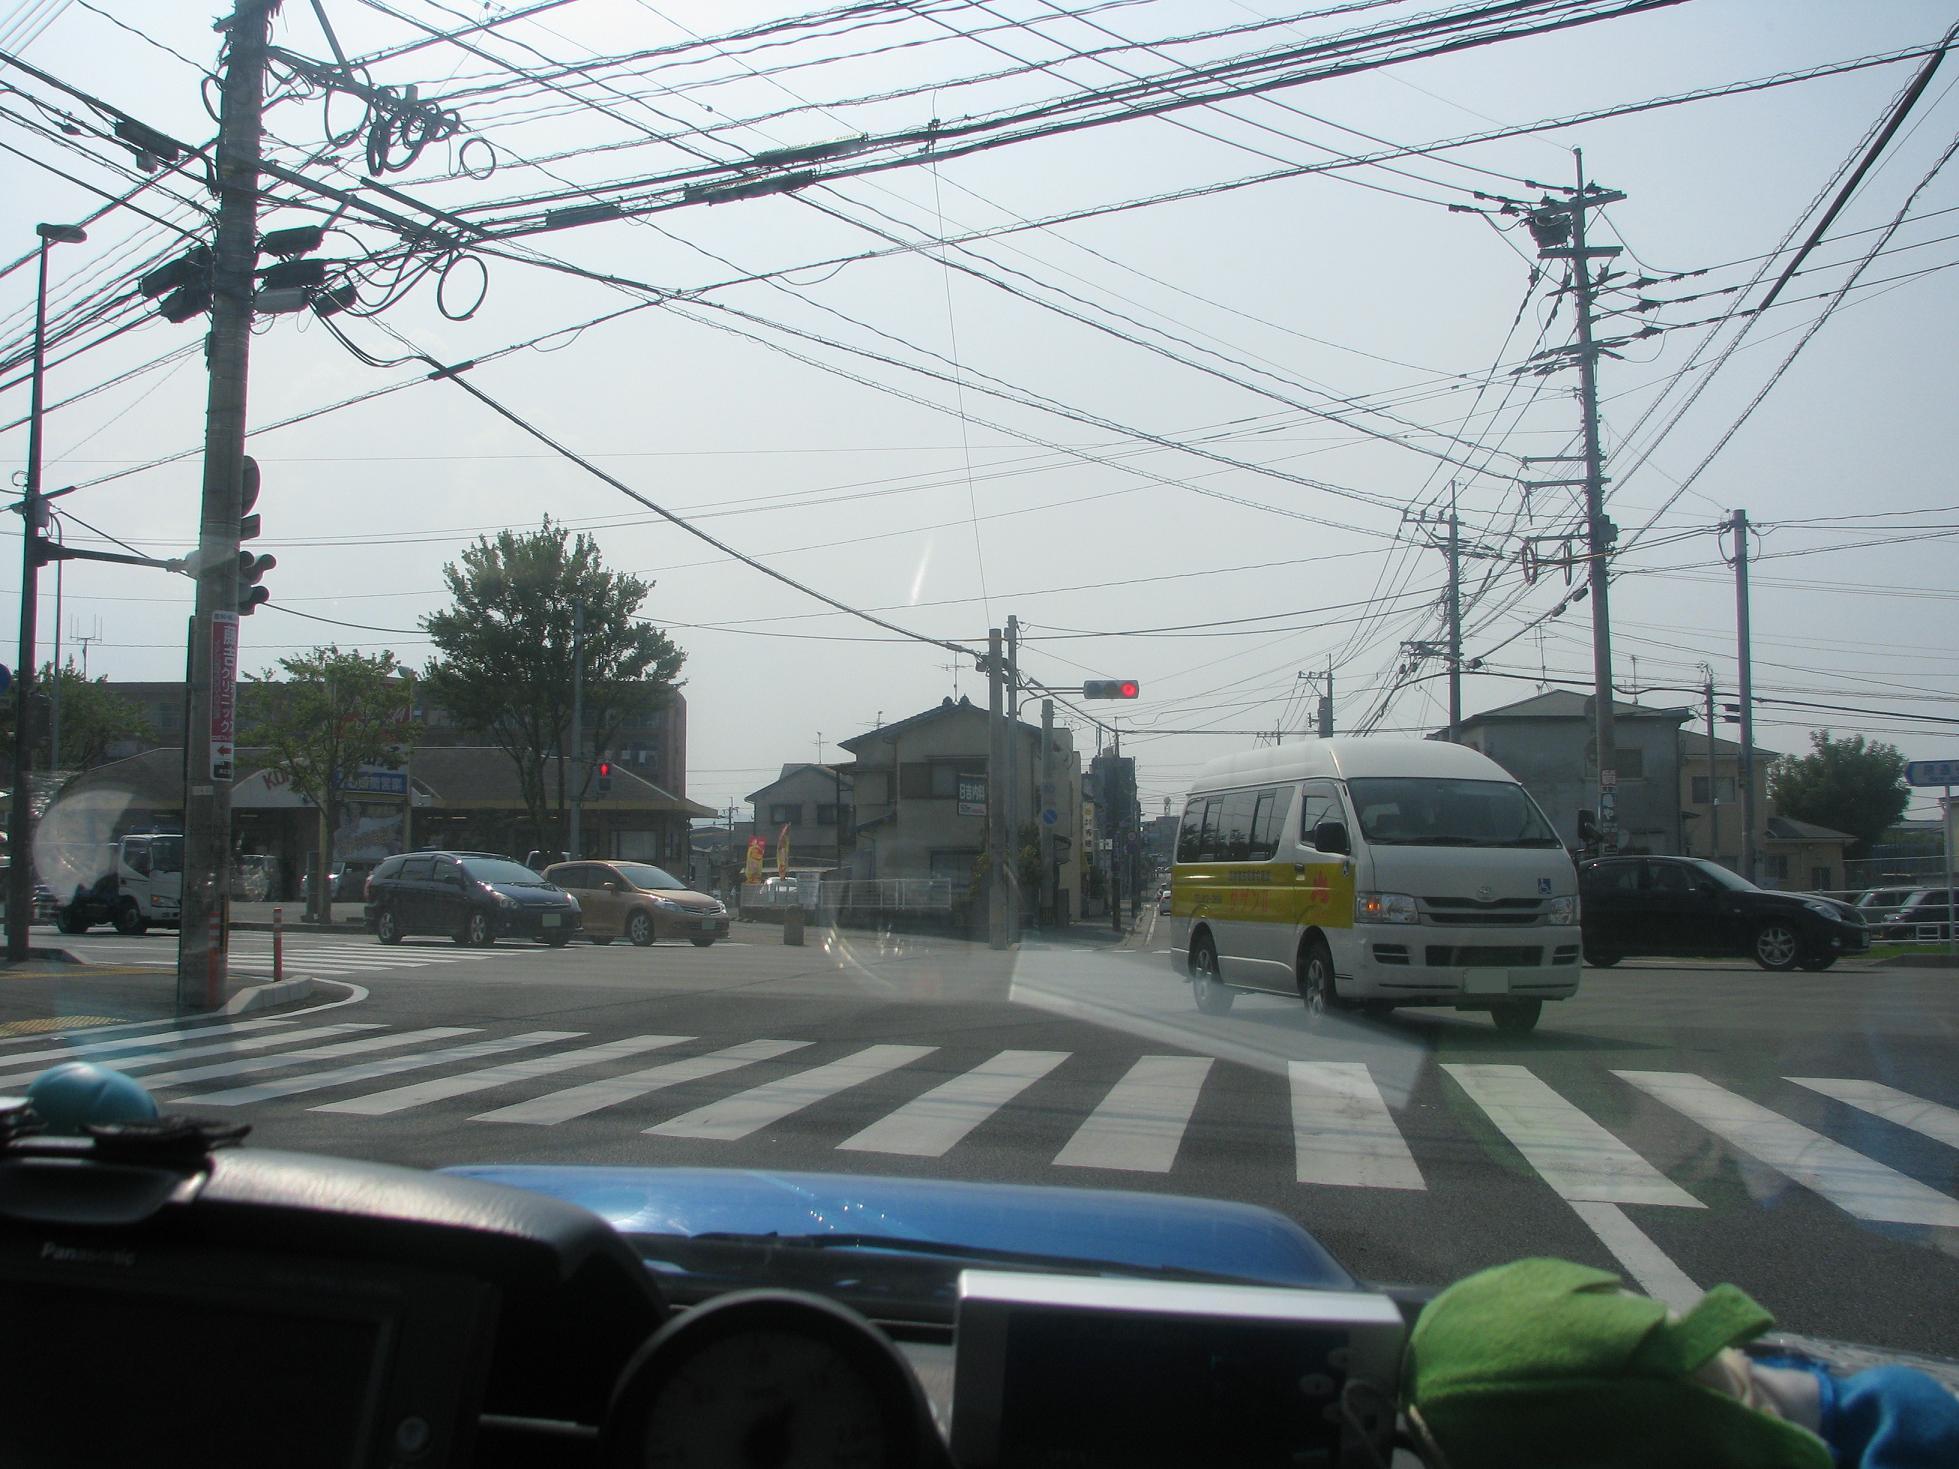 イオン原店~福岡前原有料道路~...